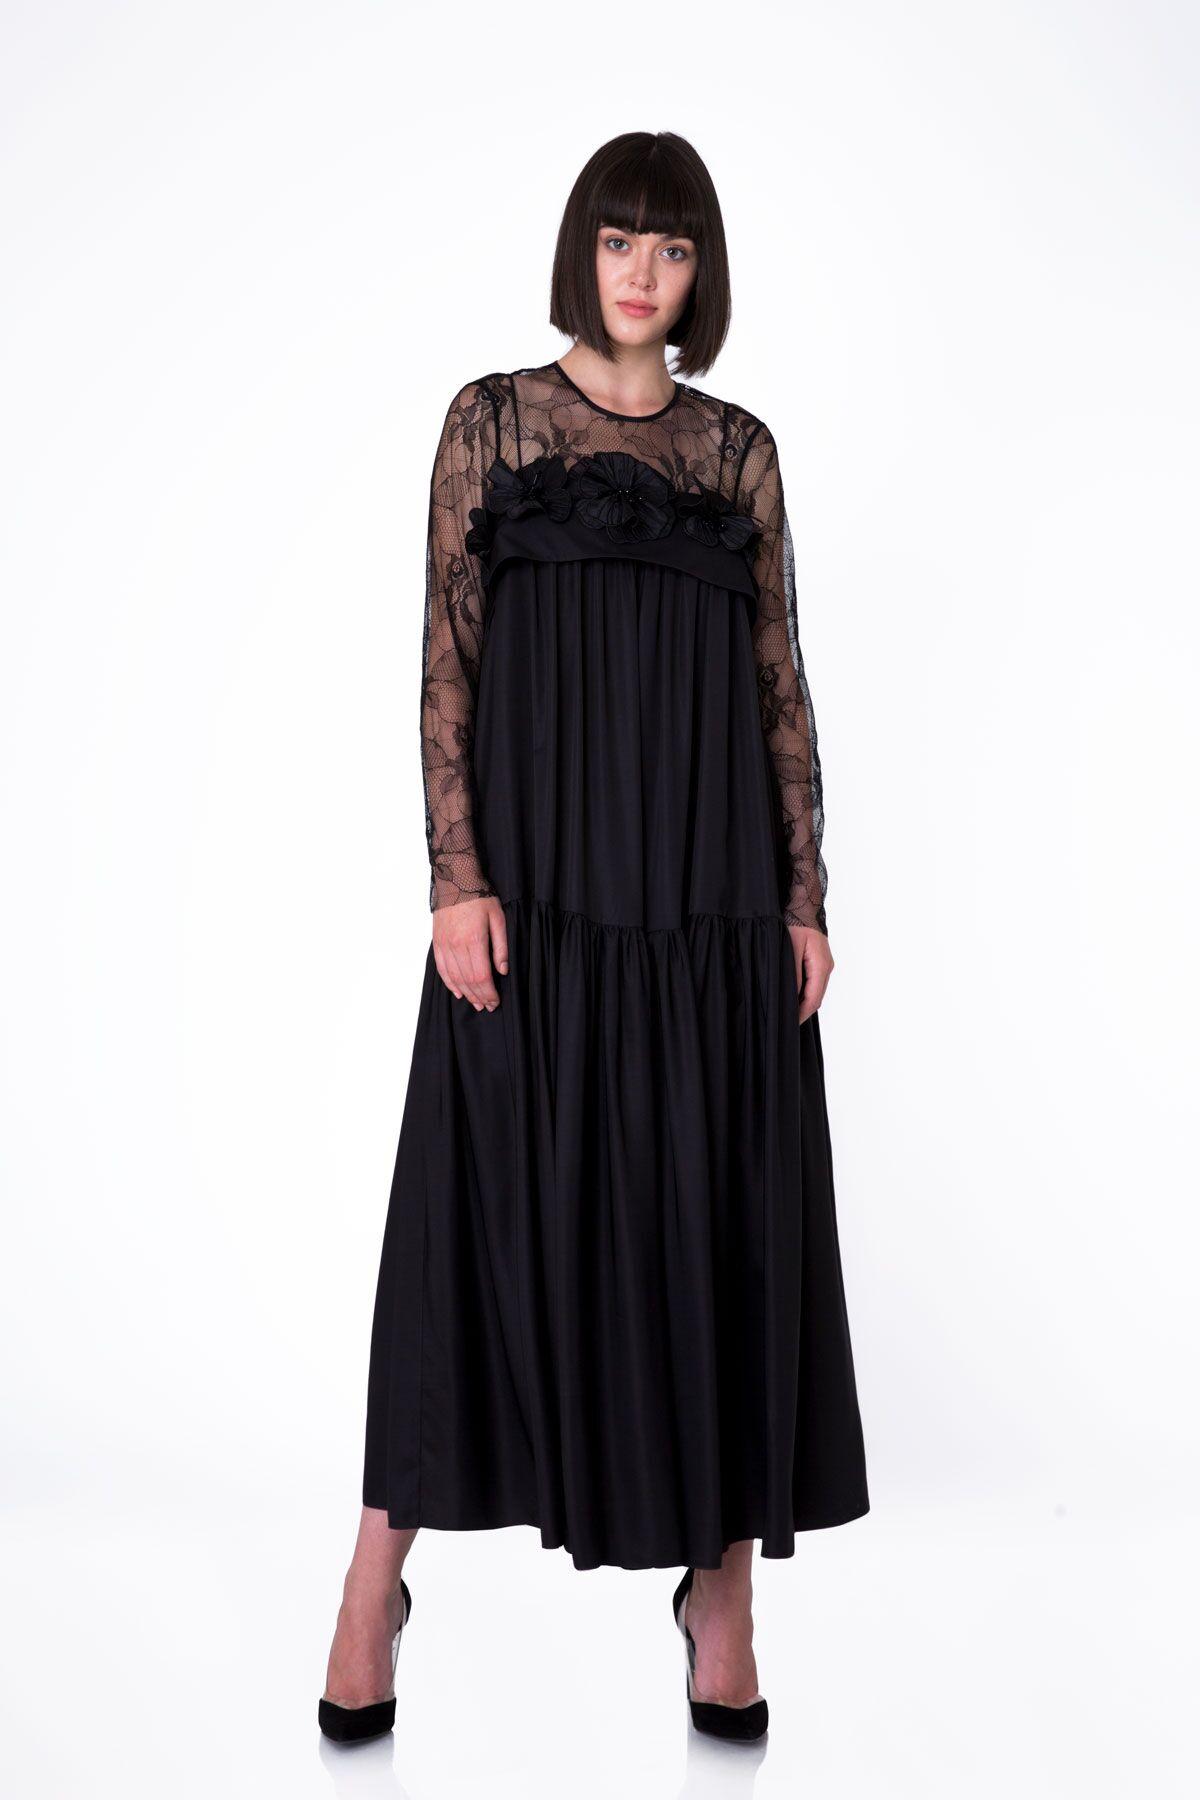 Dantel Üst Detaylı Çiçek Aplikeli Uzun Siyah Elbise